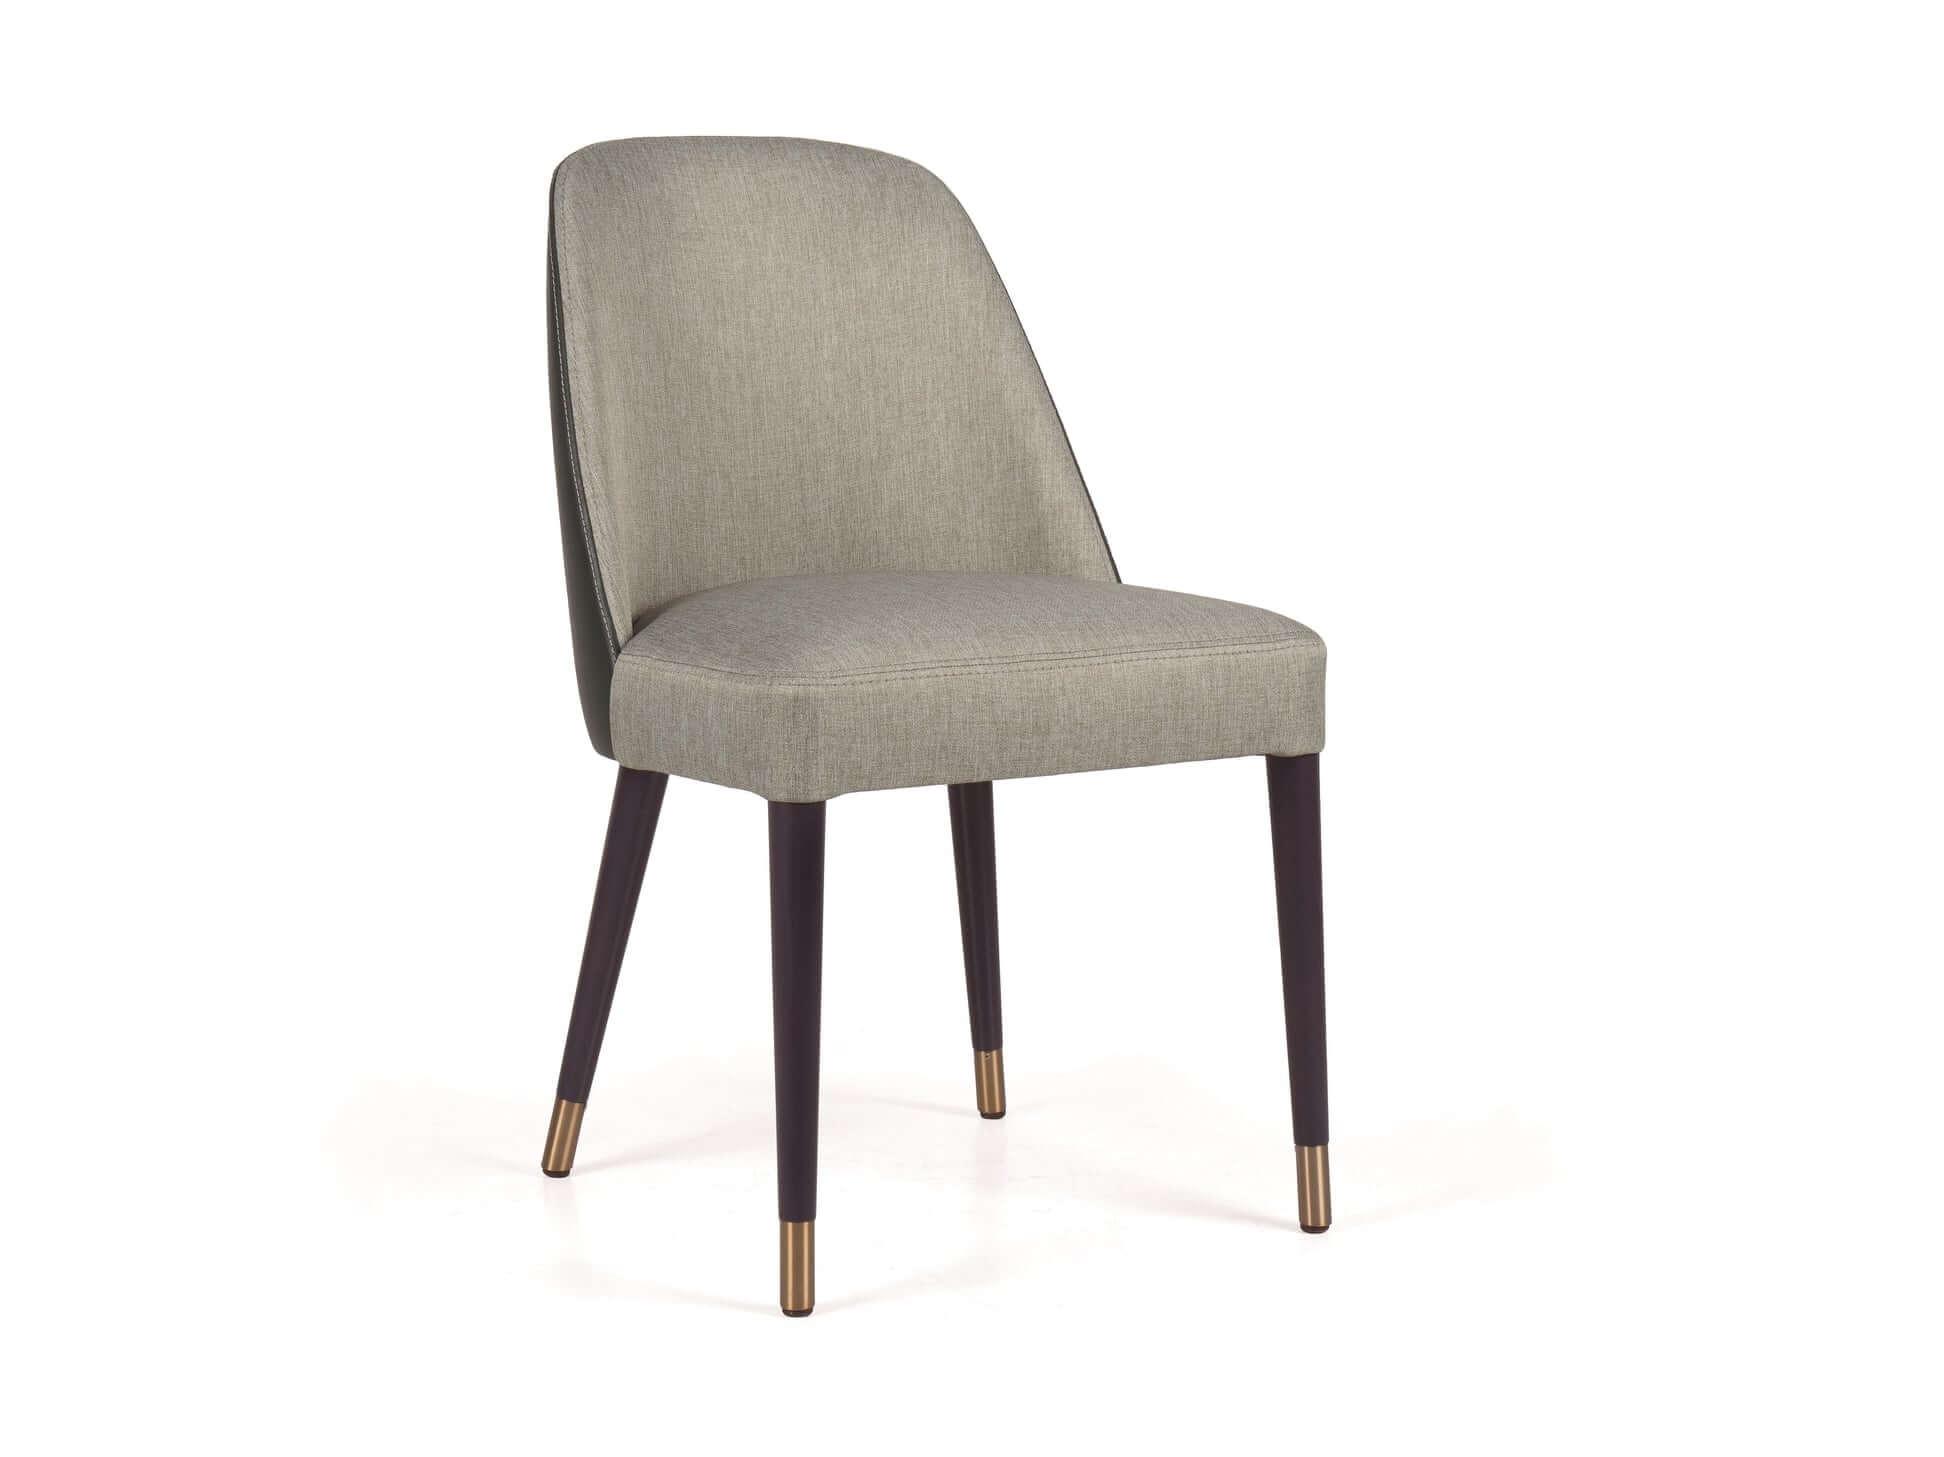 Cadeira Slim em tecido Cinza e Verde com pes pretos de pontas douradas